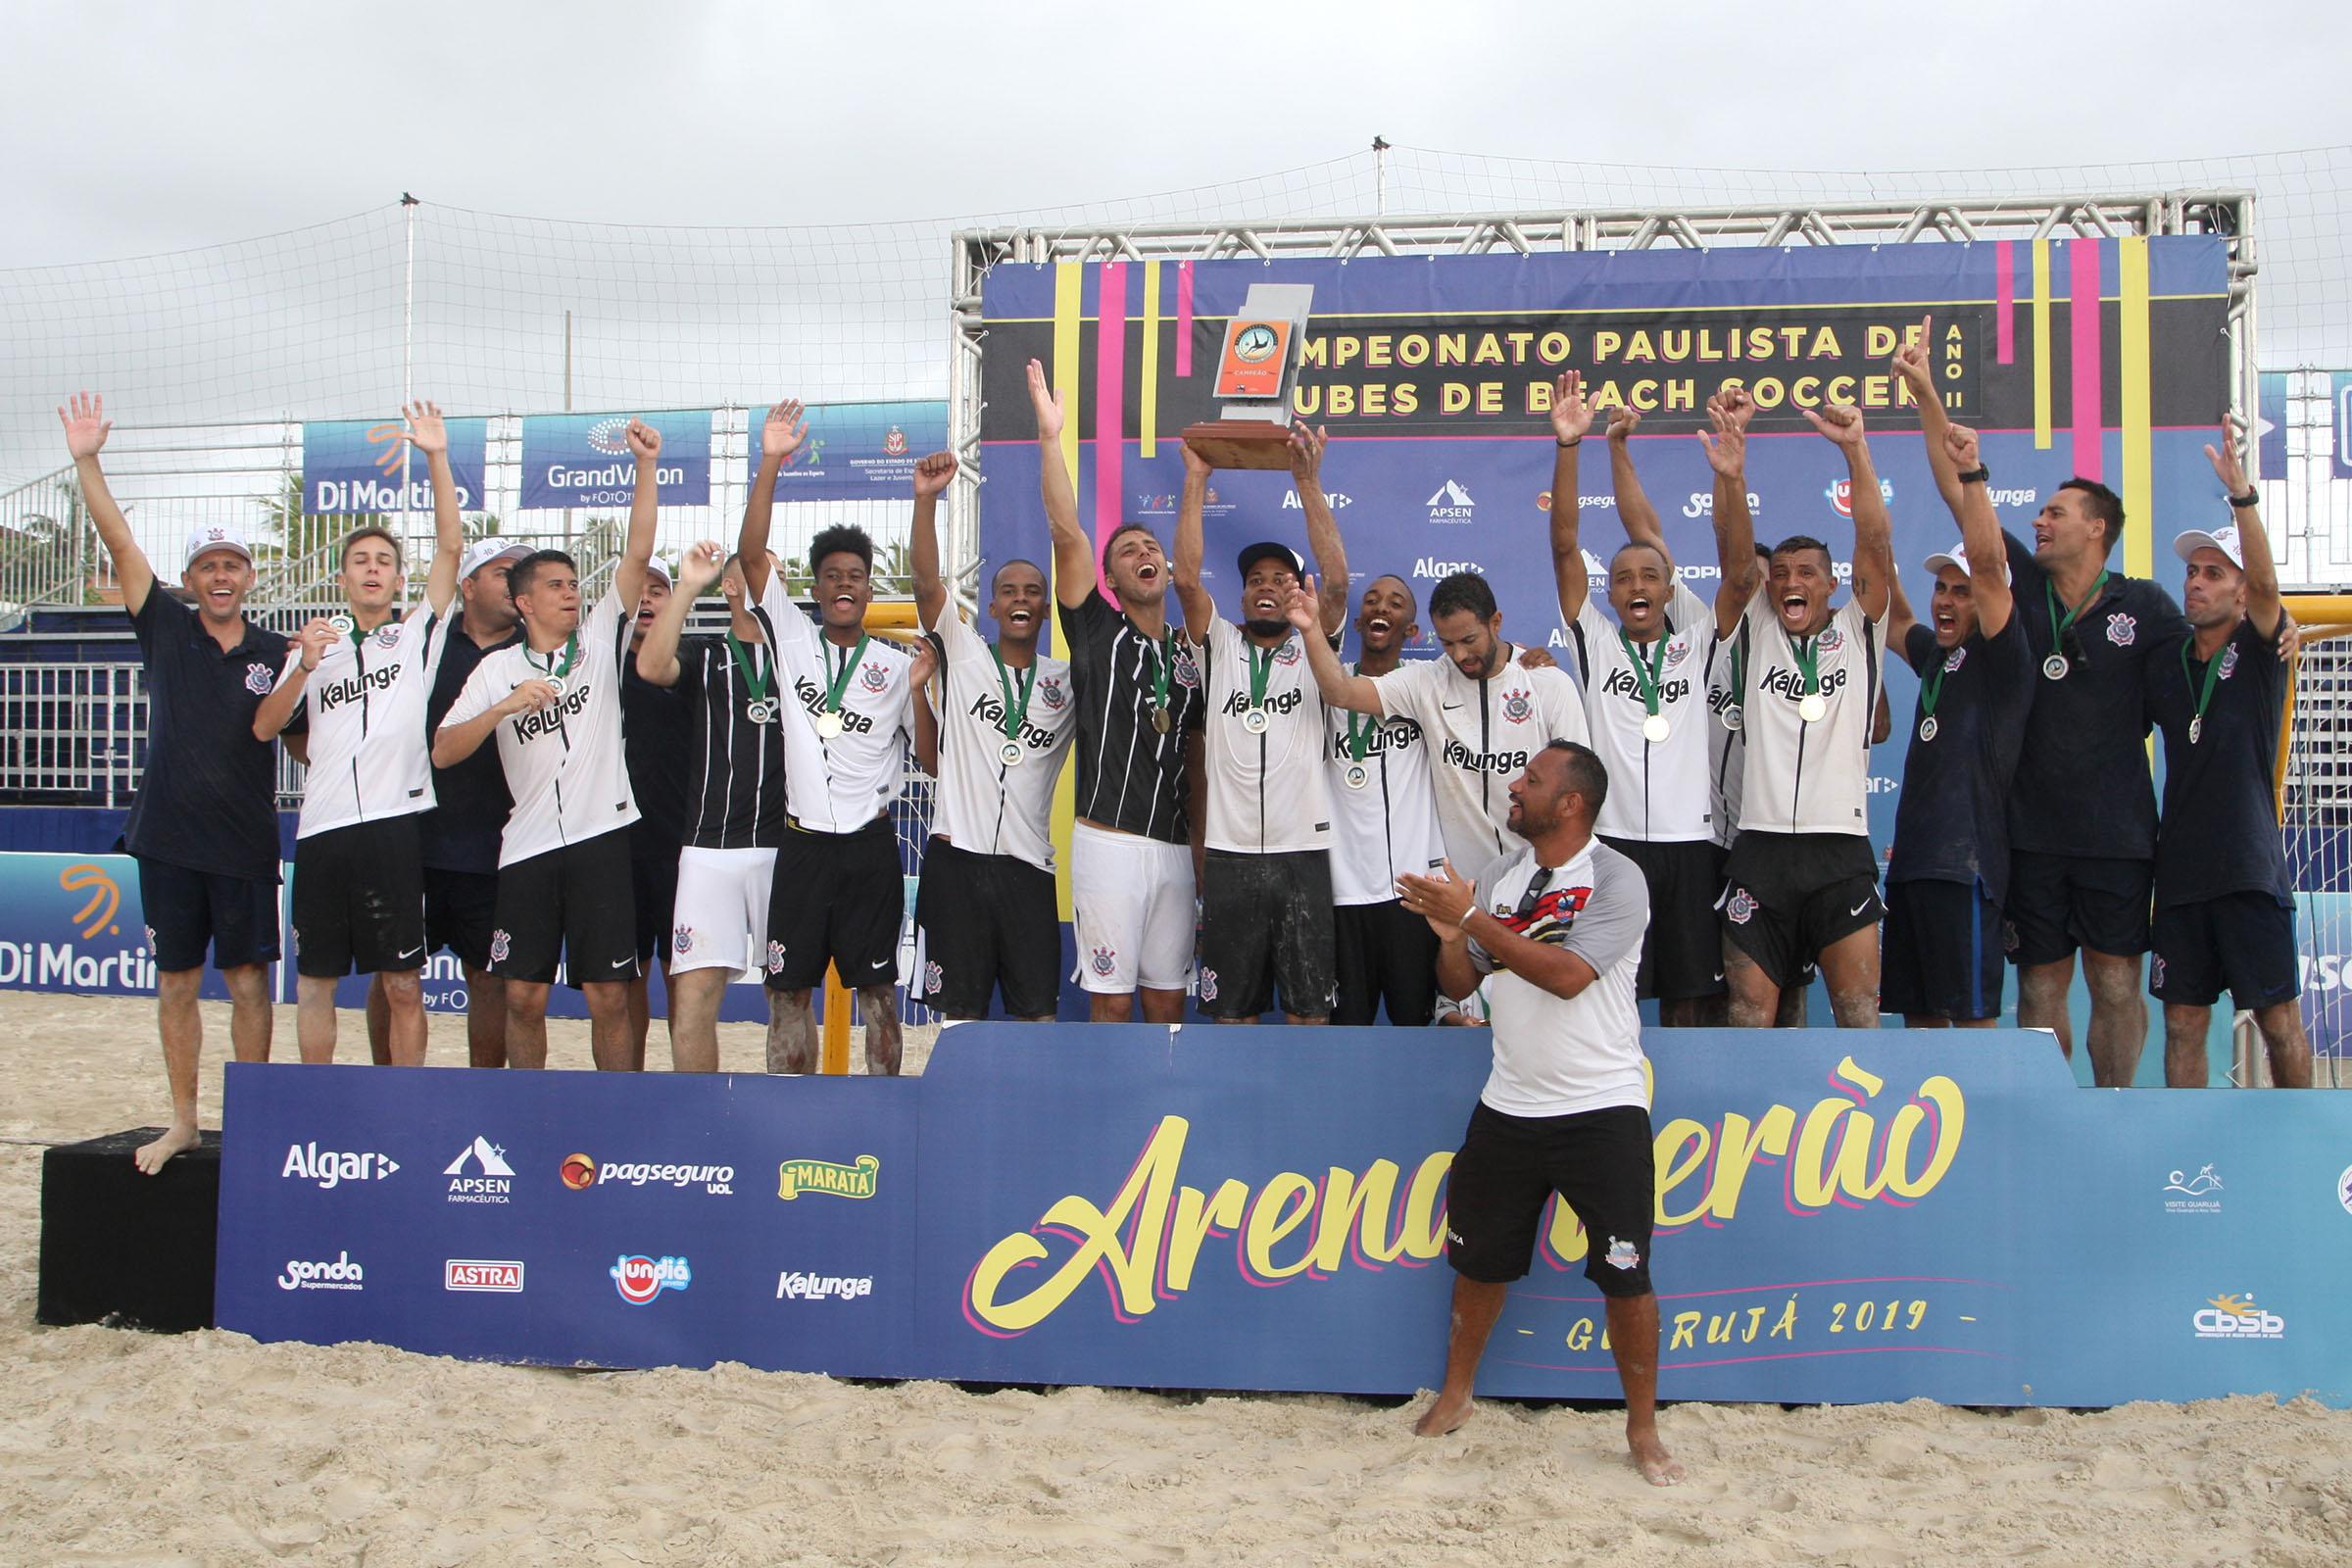 Arena Verão: Corinthians é bicampeão paulista de beach soccer